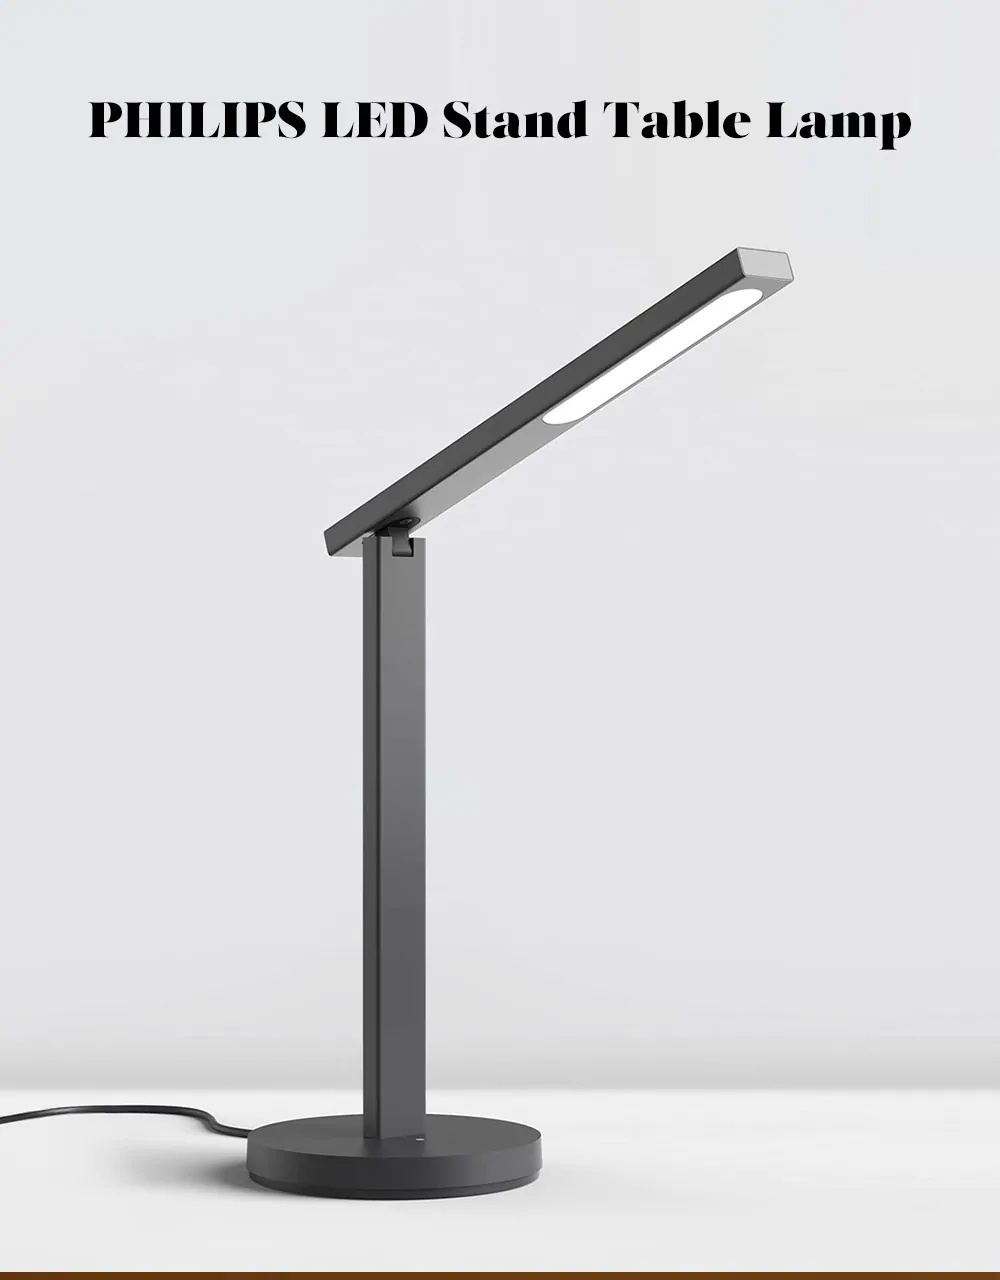 xiaomi philips zhiyi led table lamp